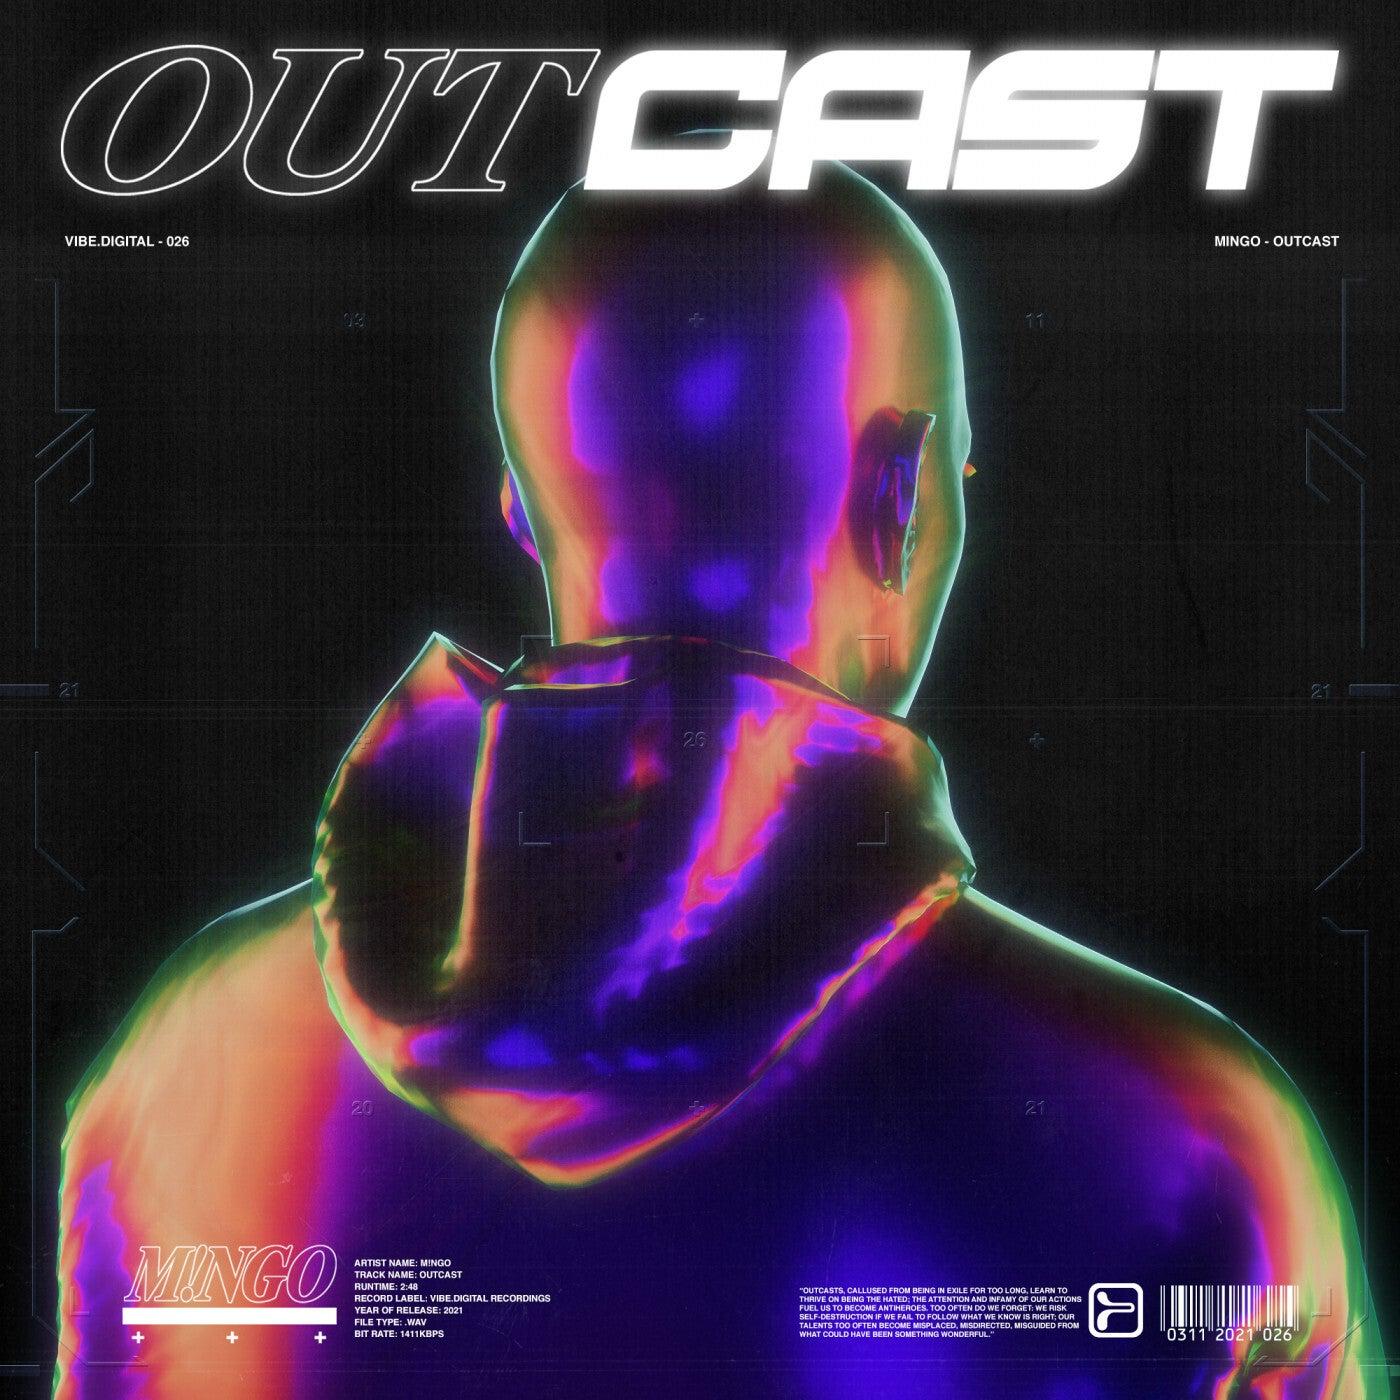 Outcast (Original Mix)